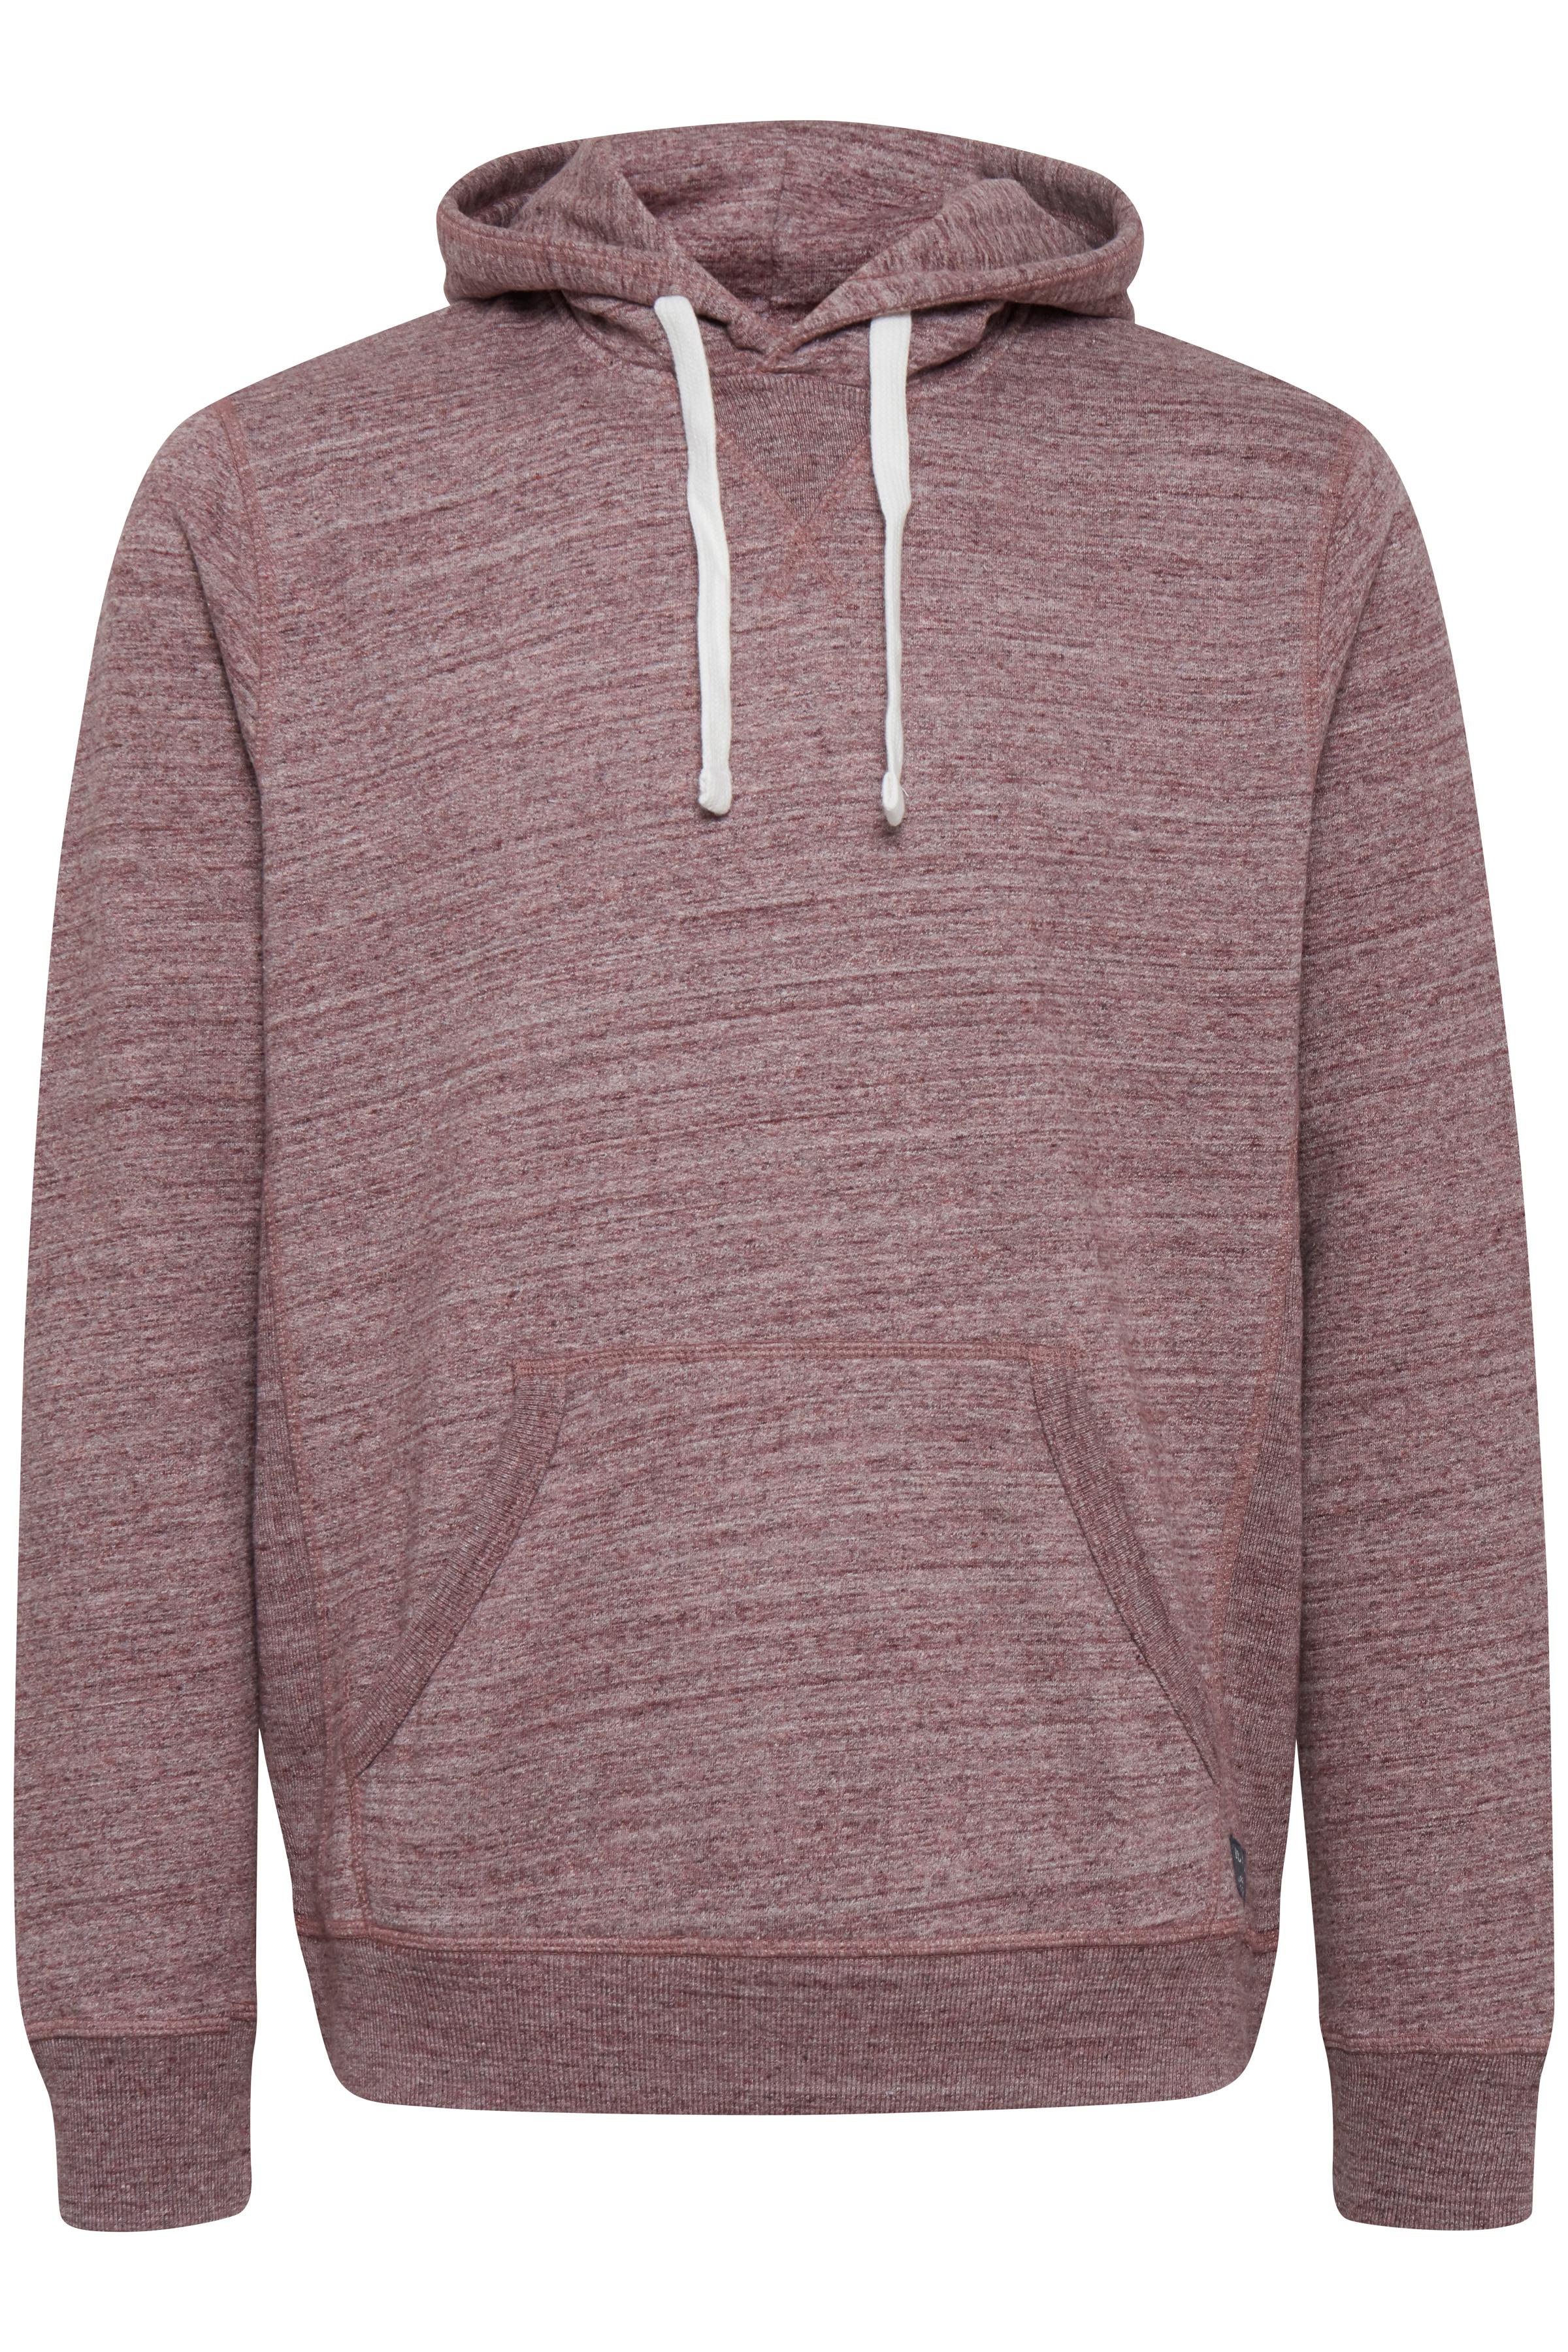 Image of Blend He Herre Sweatshirt - Wine red